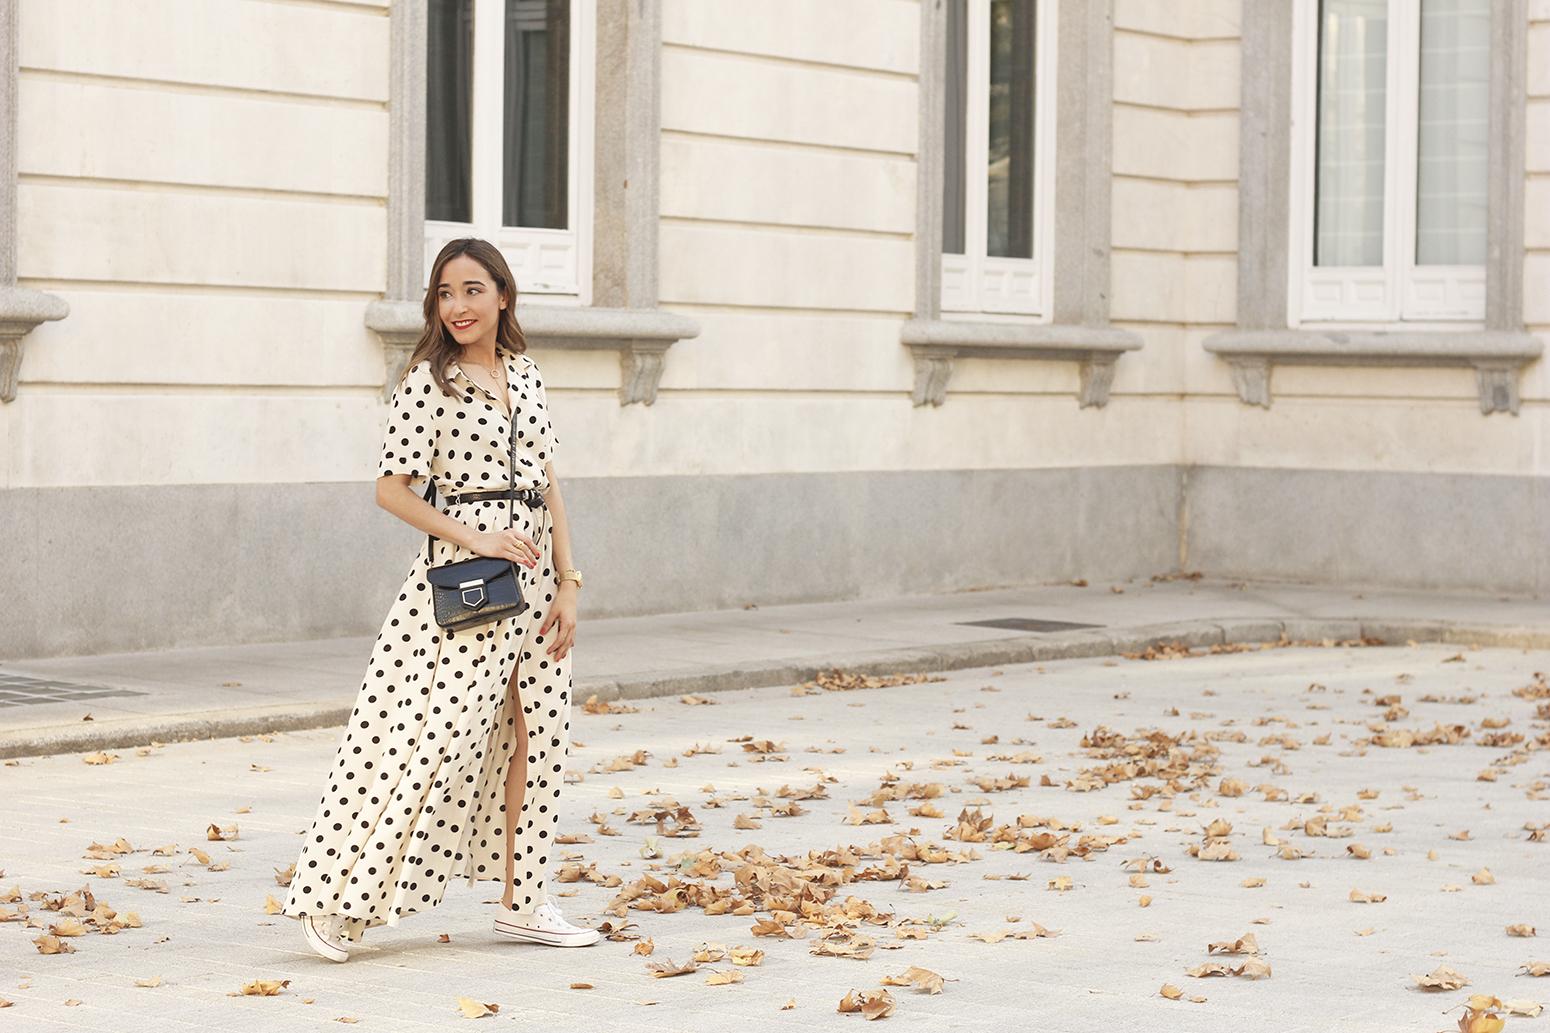 Maxi dress polka dots uterqüe converse givenchy bag summer outfit summer06